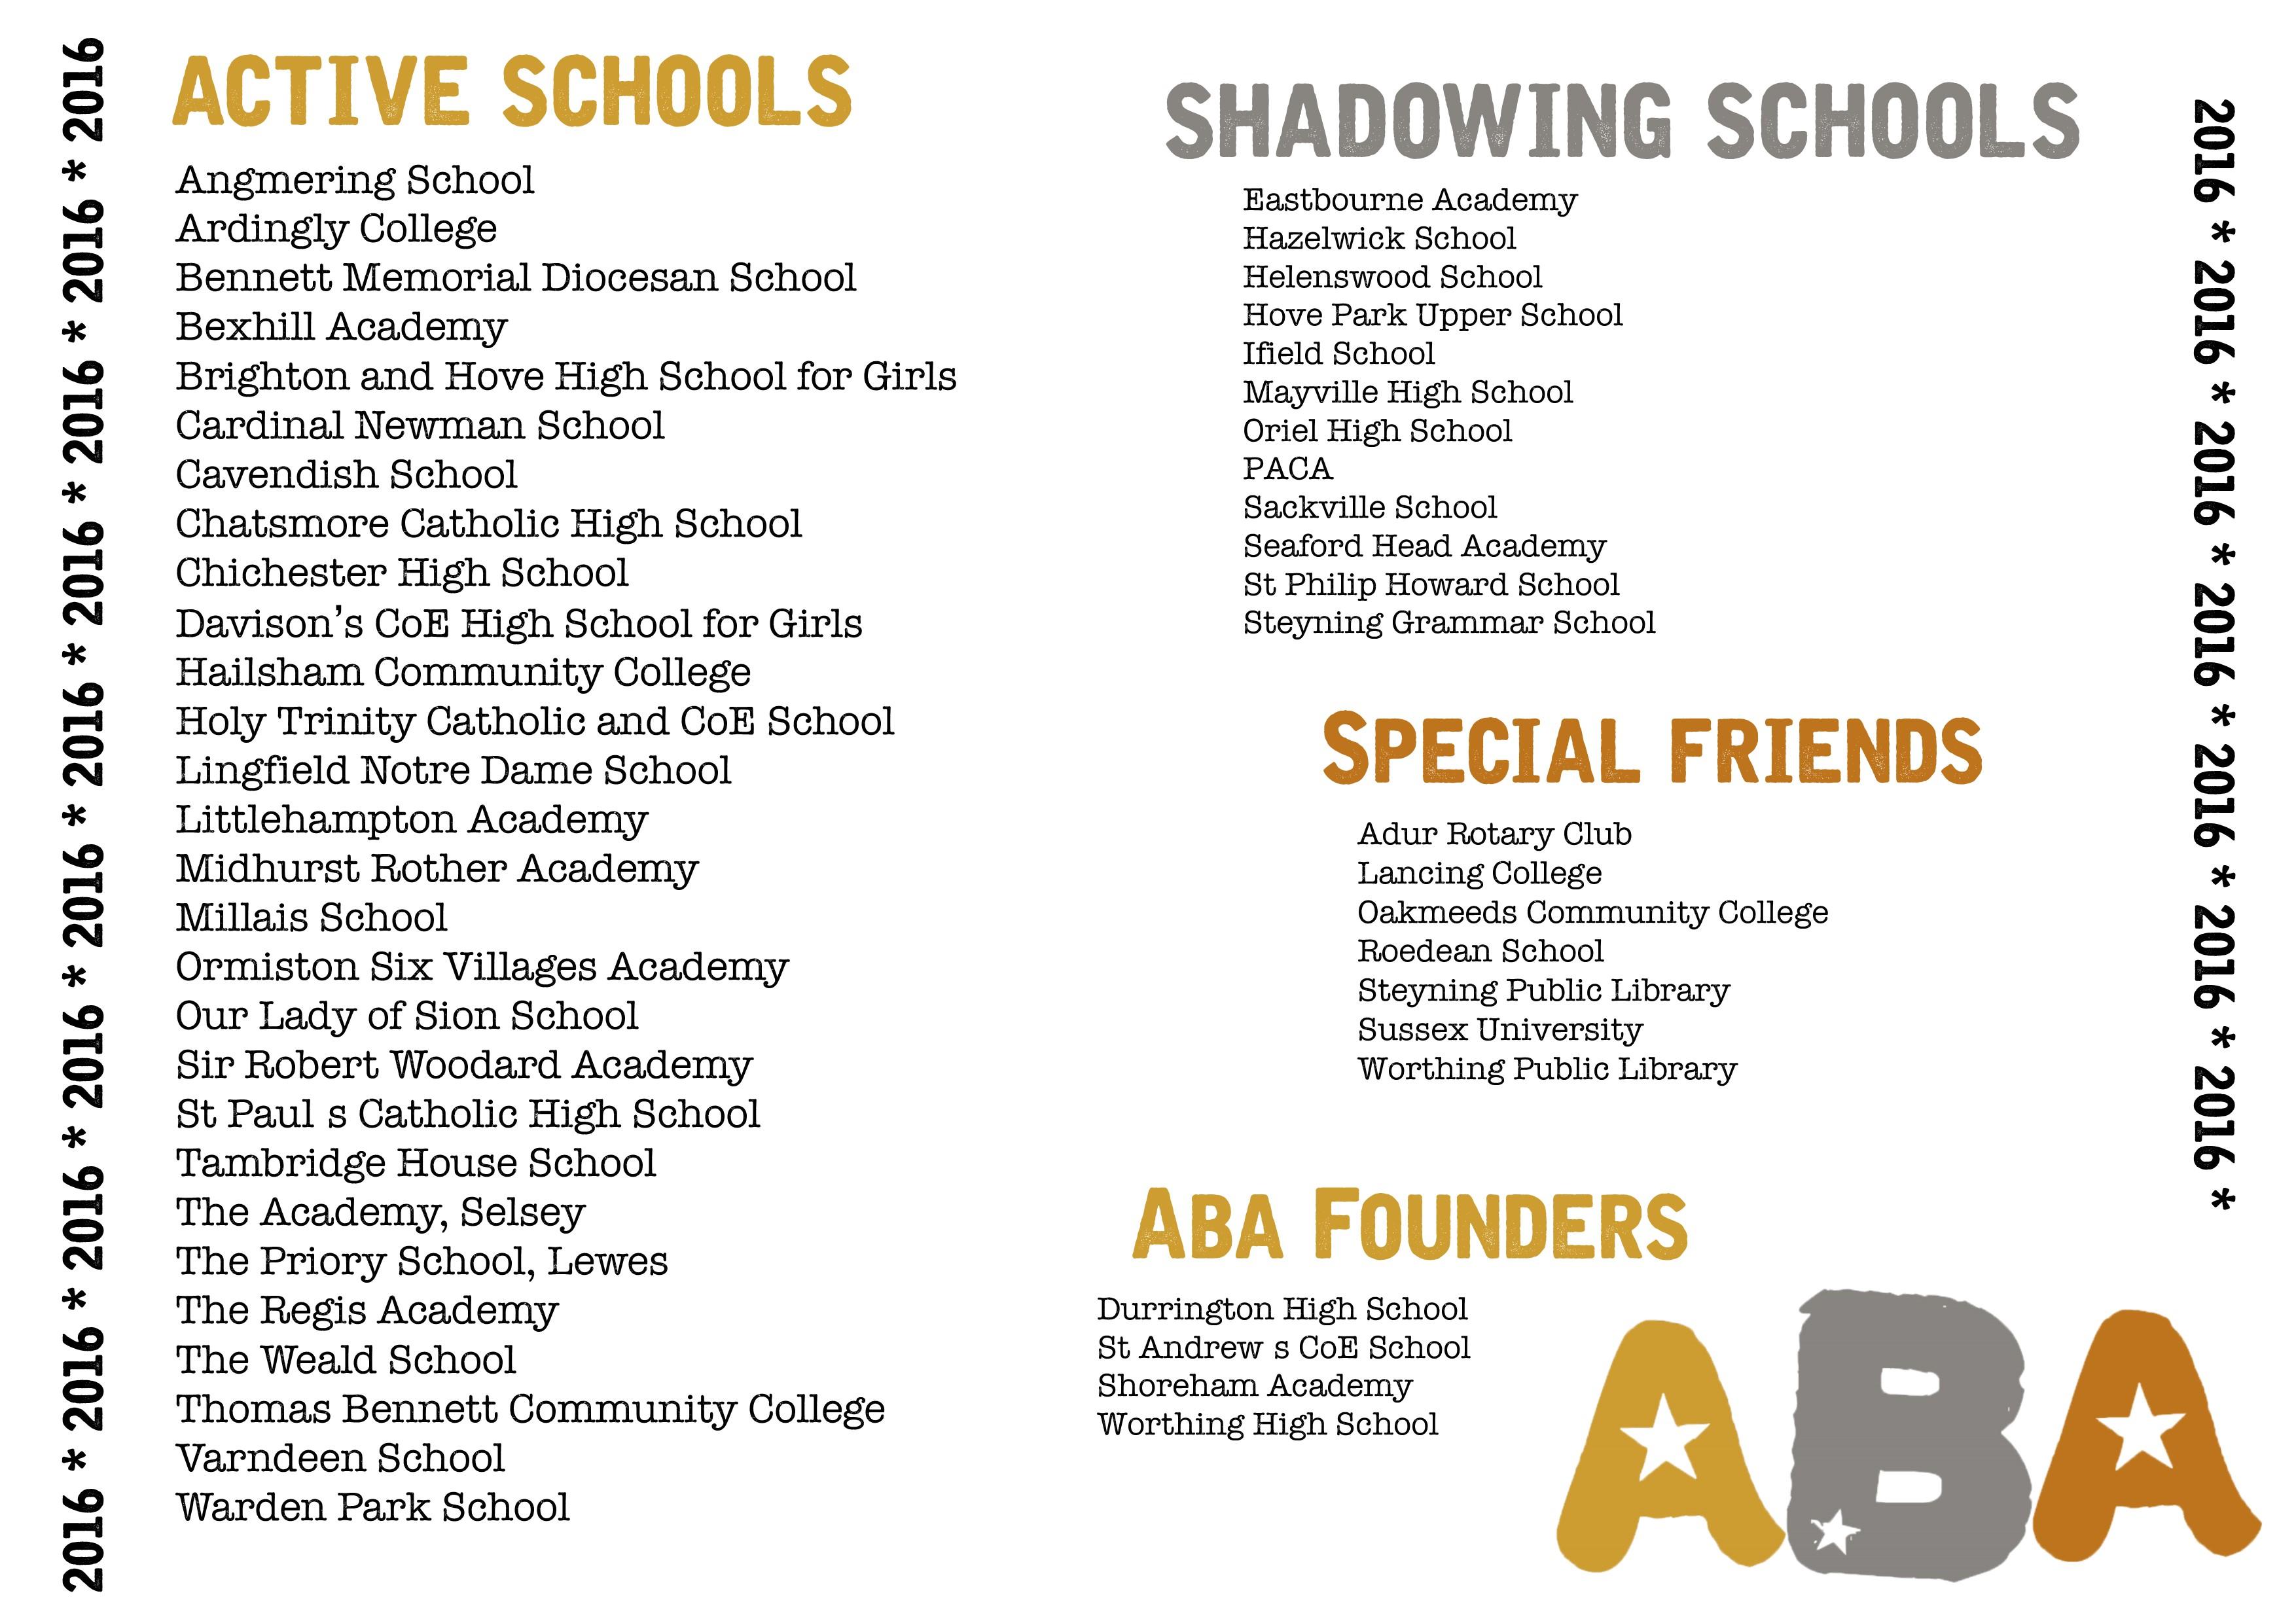 active schools 2016